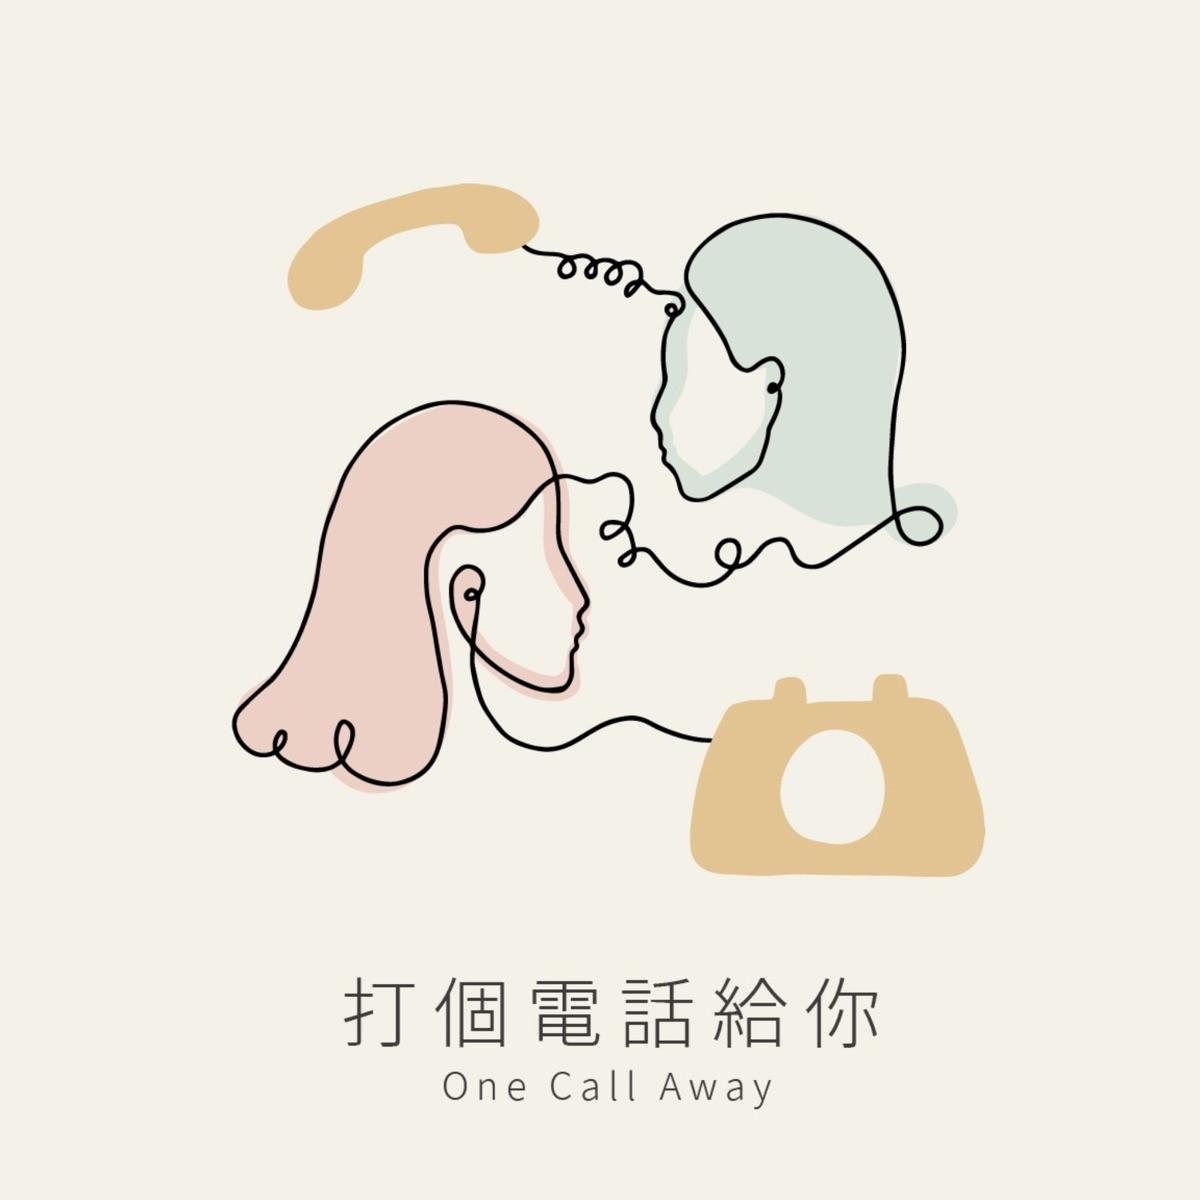 打个电话给你One Call Away